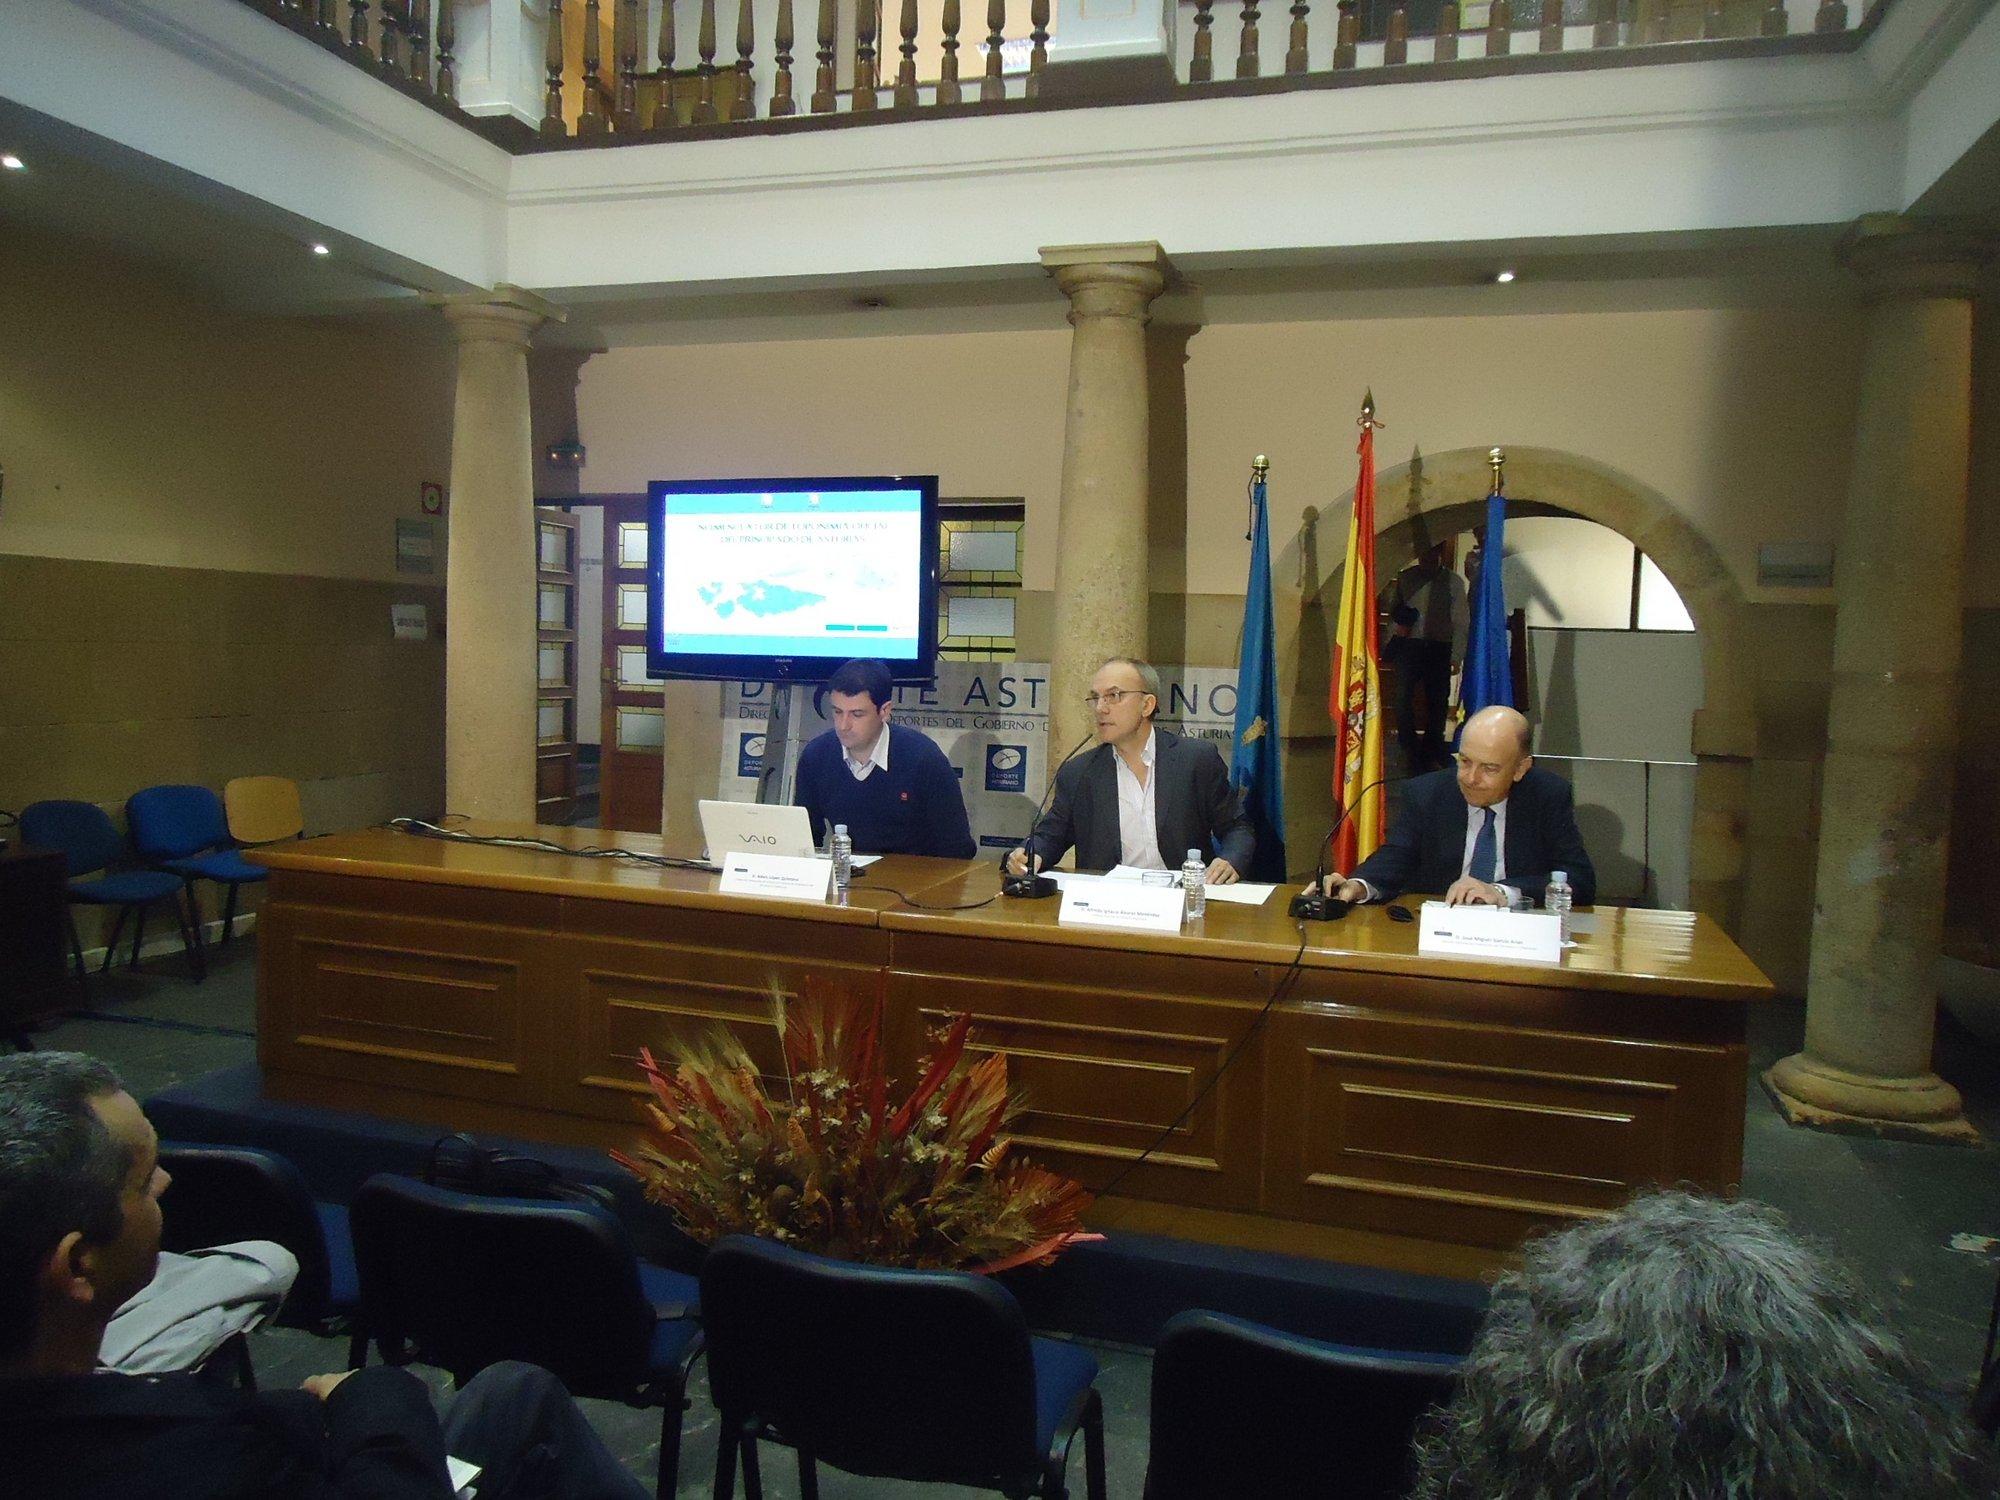 El Principado presenta el nomenclátor geográfico de la toponimia oficial de Asturias